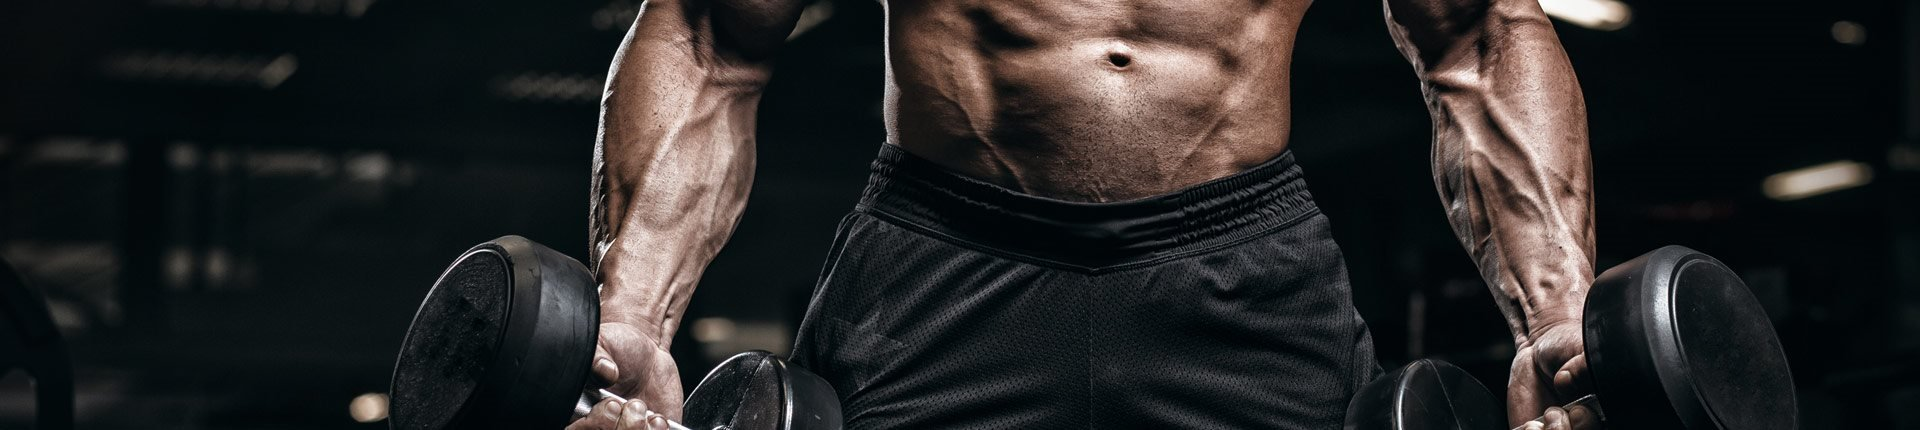 Metody progresji liniowej i falowej w treningu siłowym- oco tu chodzi?